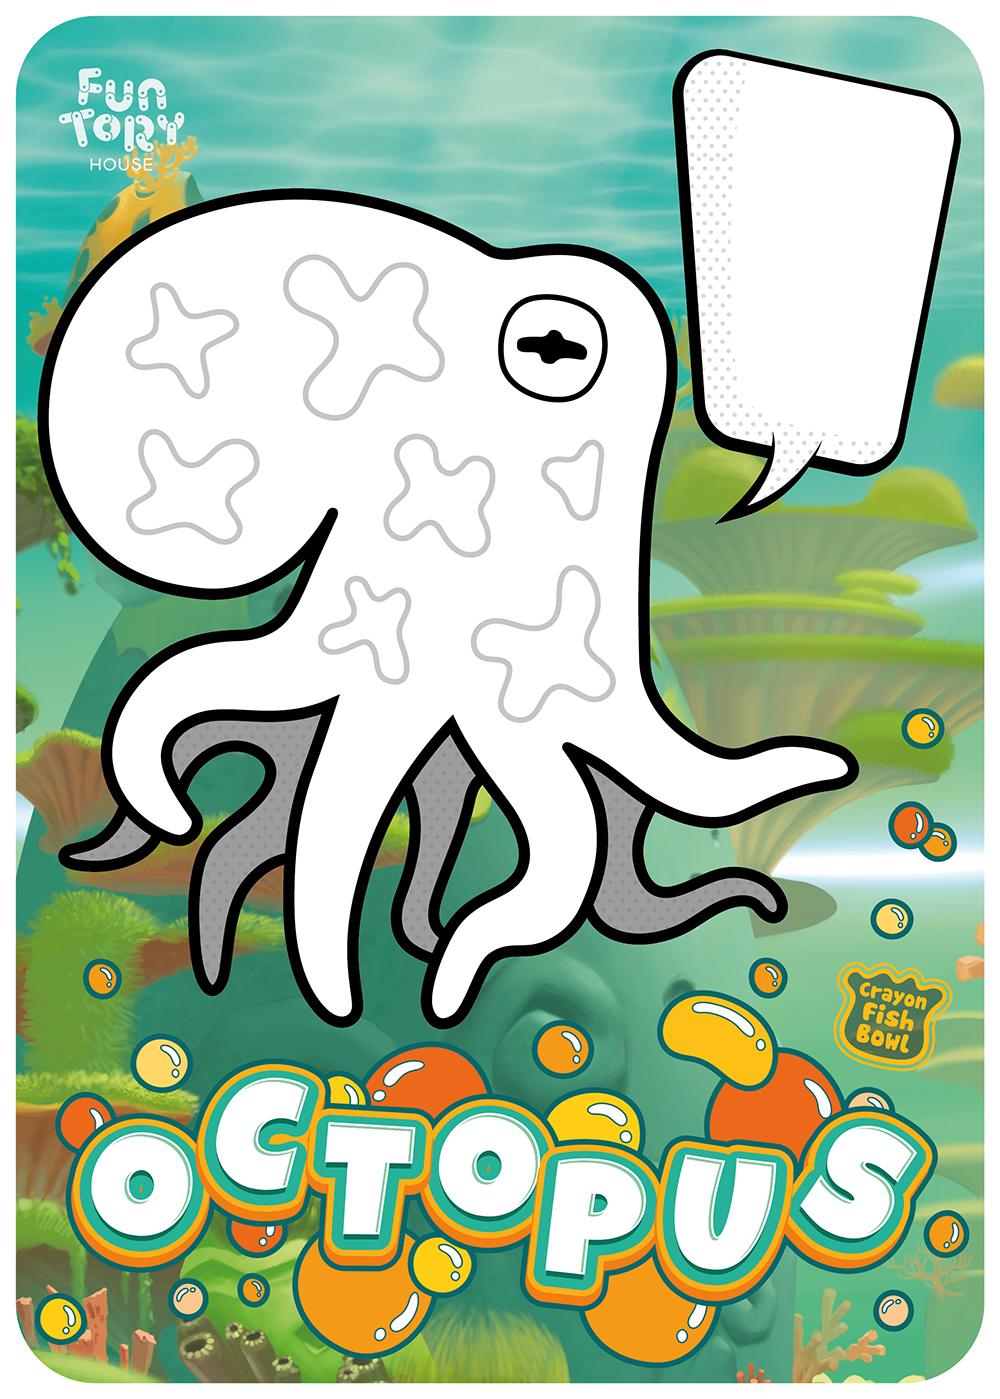 4. 문어 (Octopus)